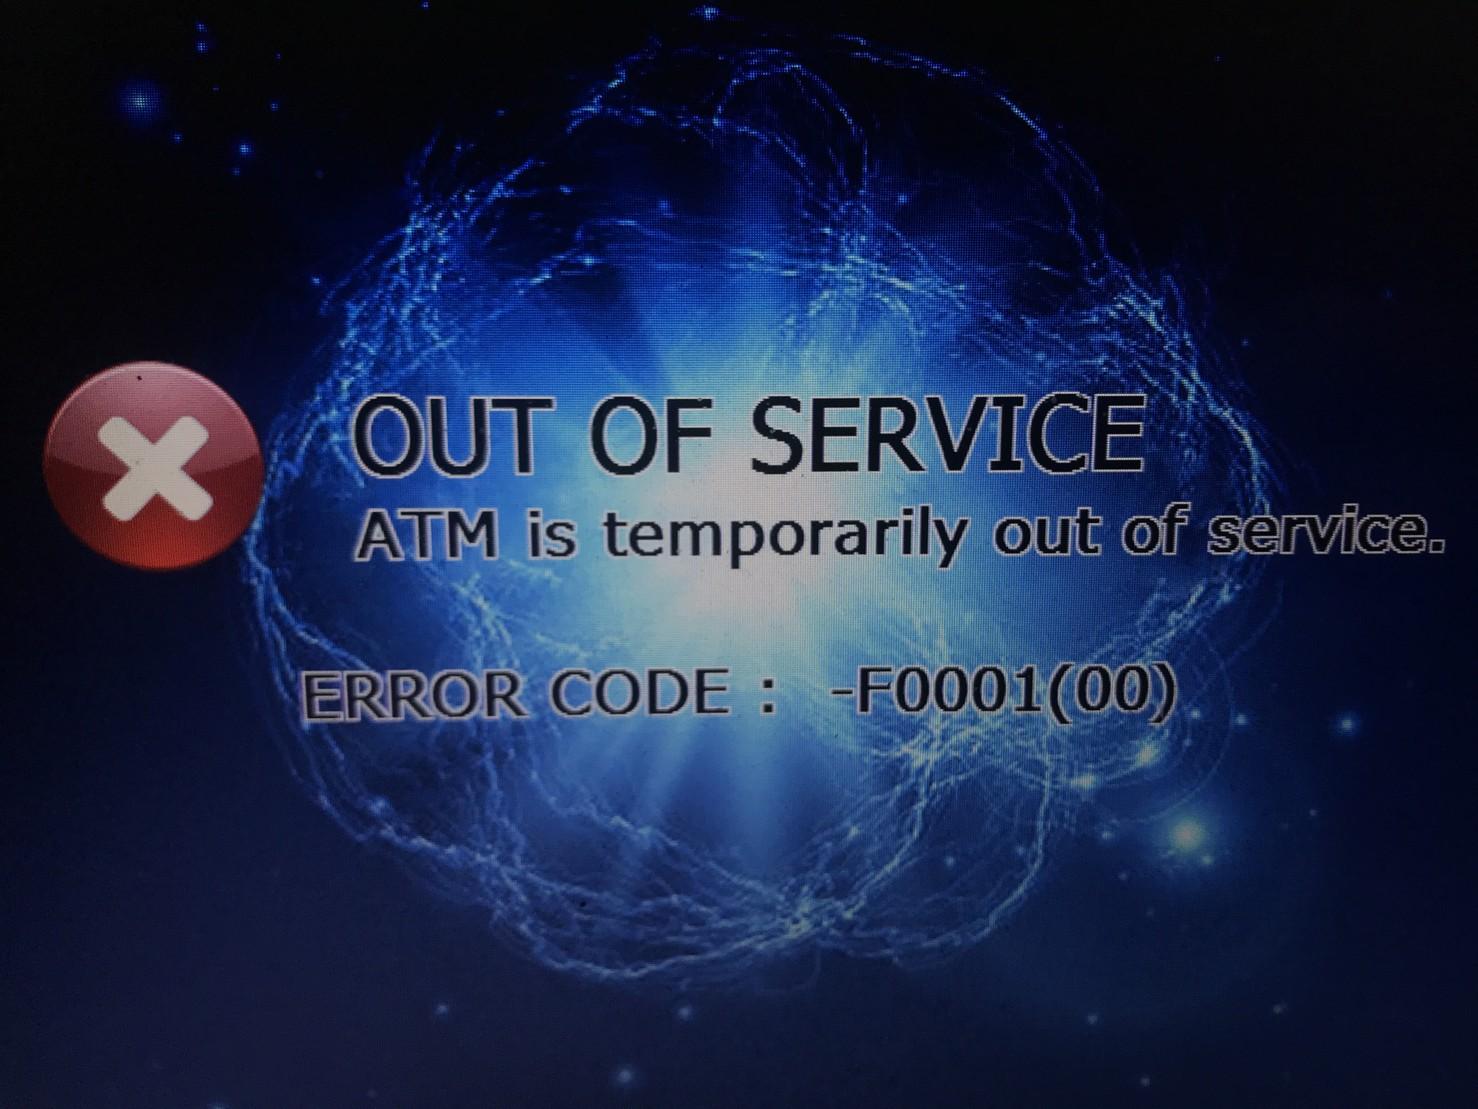 Atm error codes